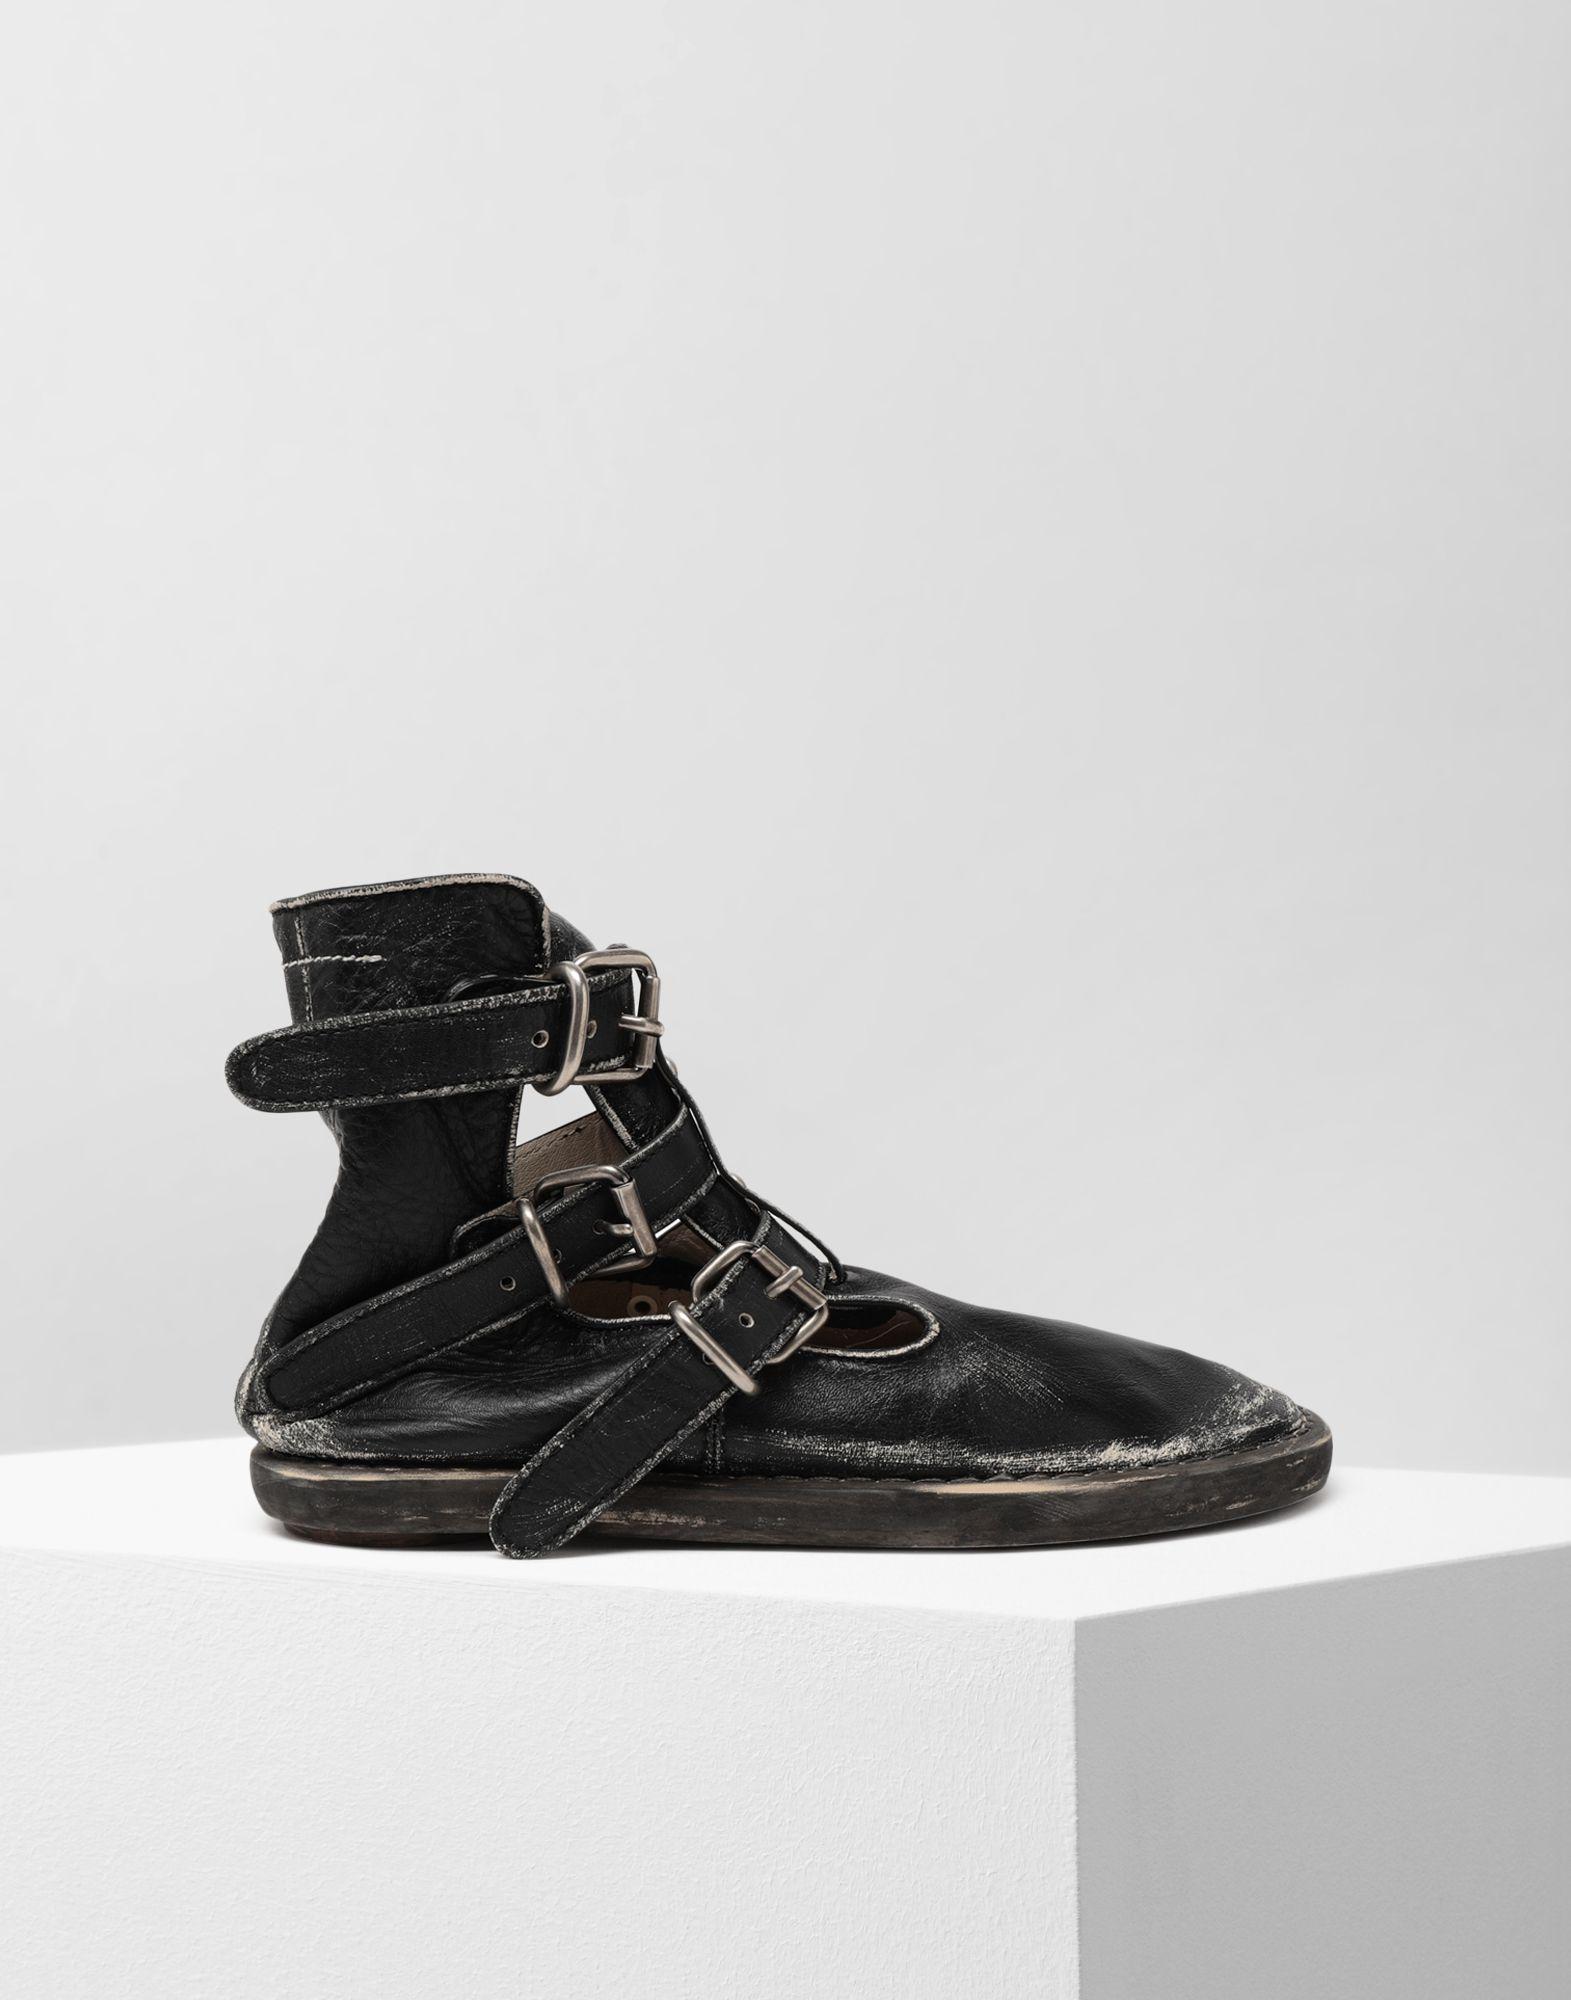 MM6 MAISON MARGIELA Fuss-bett high top sandals Ankle boots Woman f